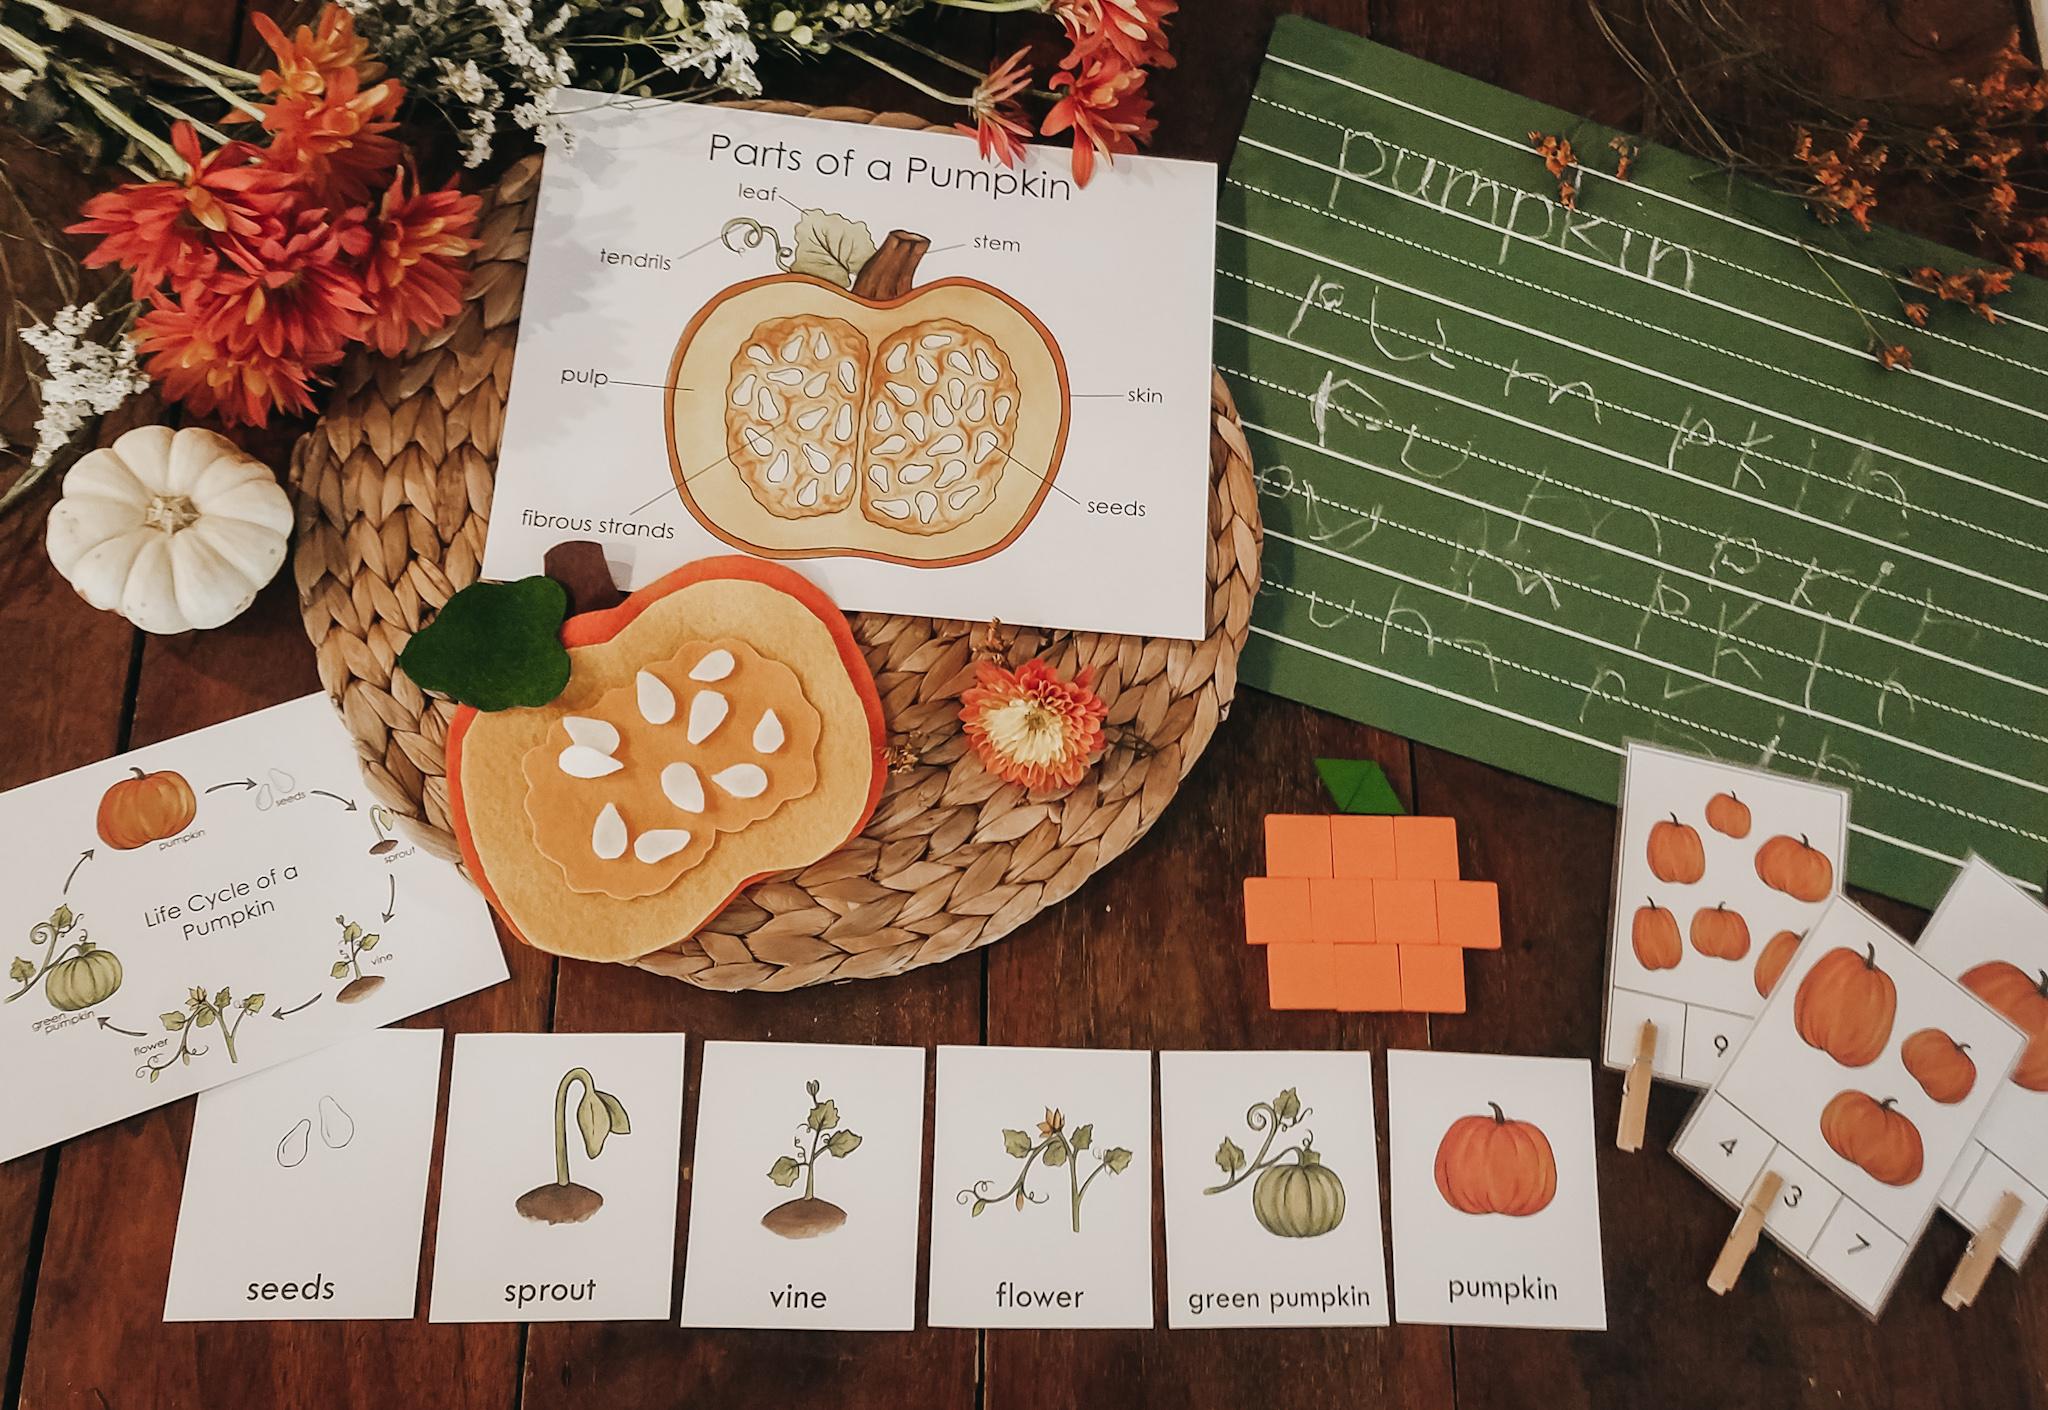 pumpkin label the plant part diagram [ 1500 x 1033 Pixel ]